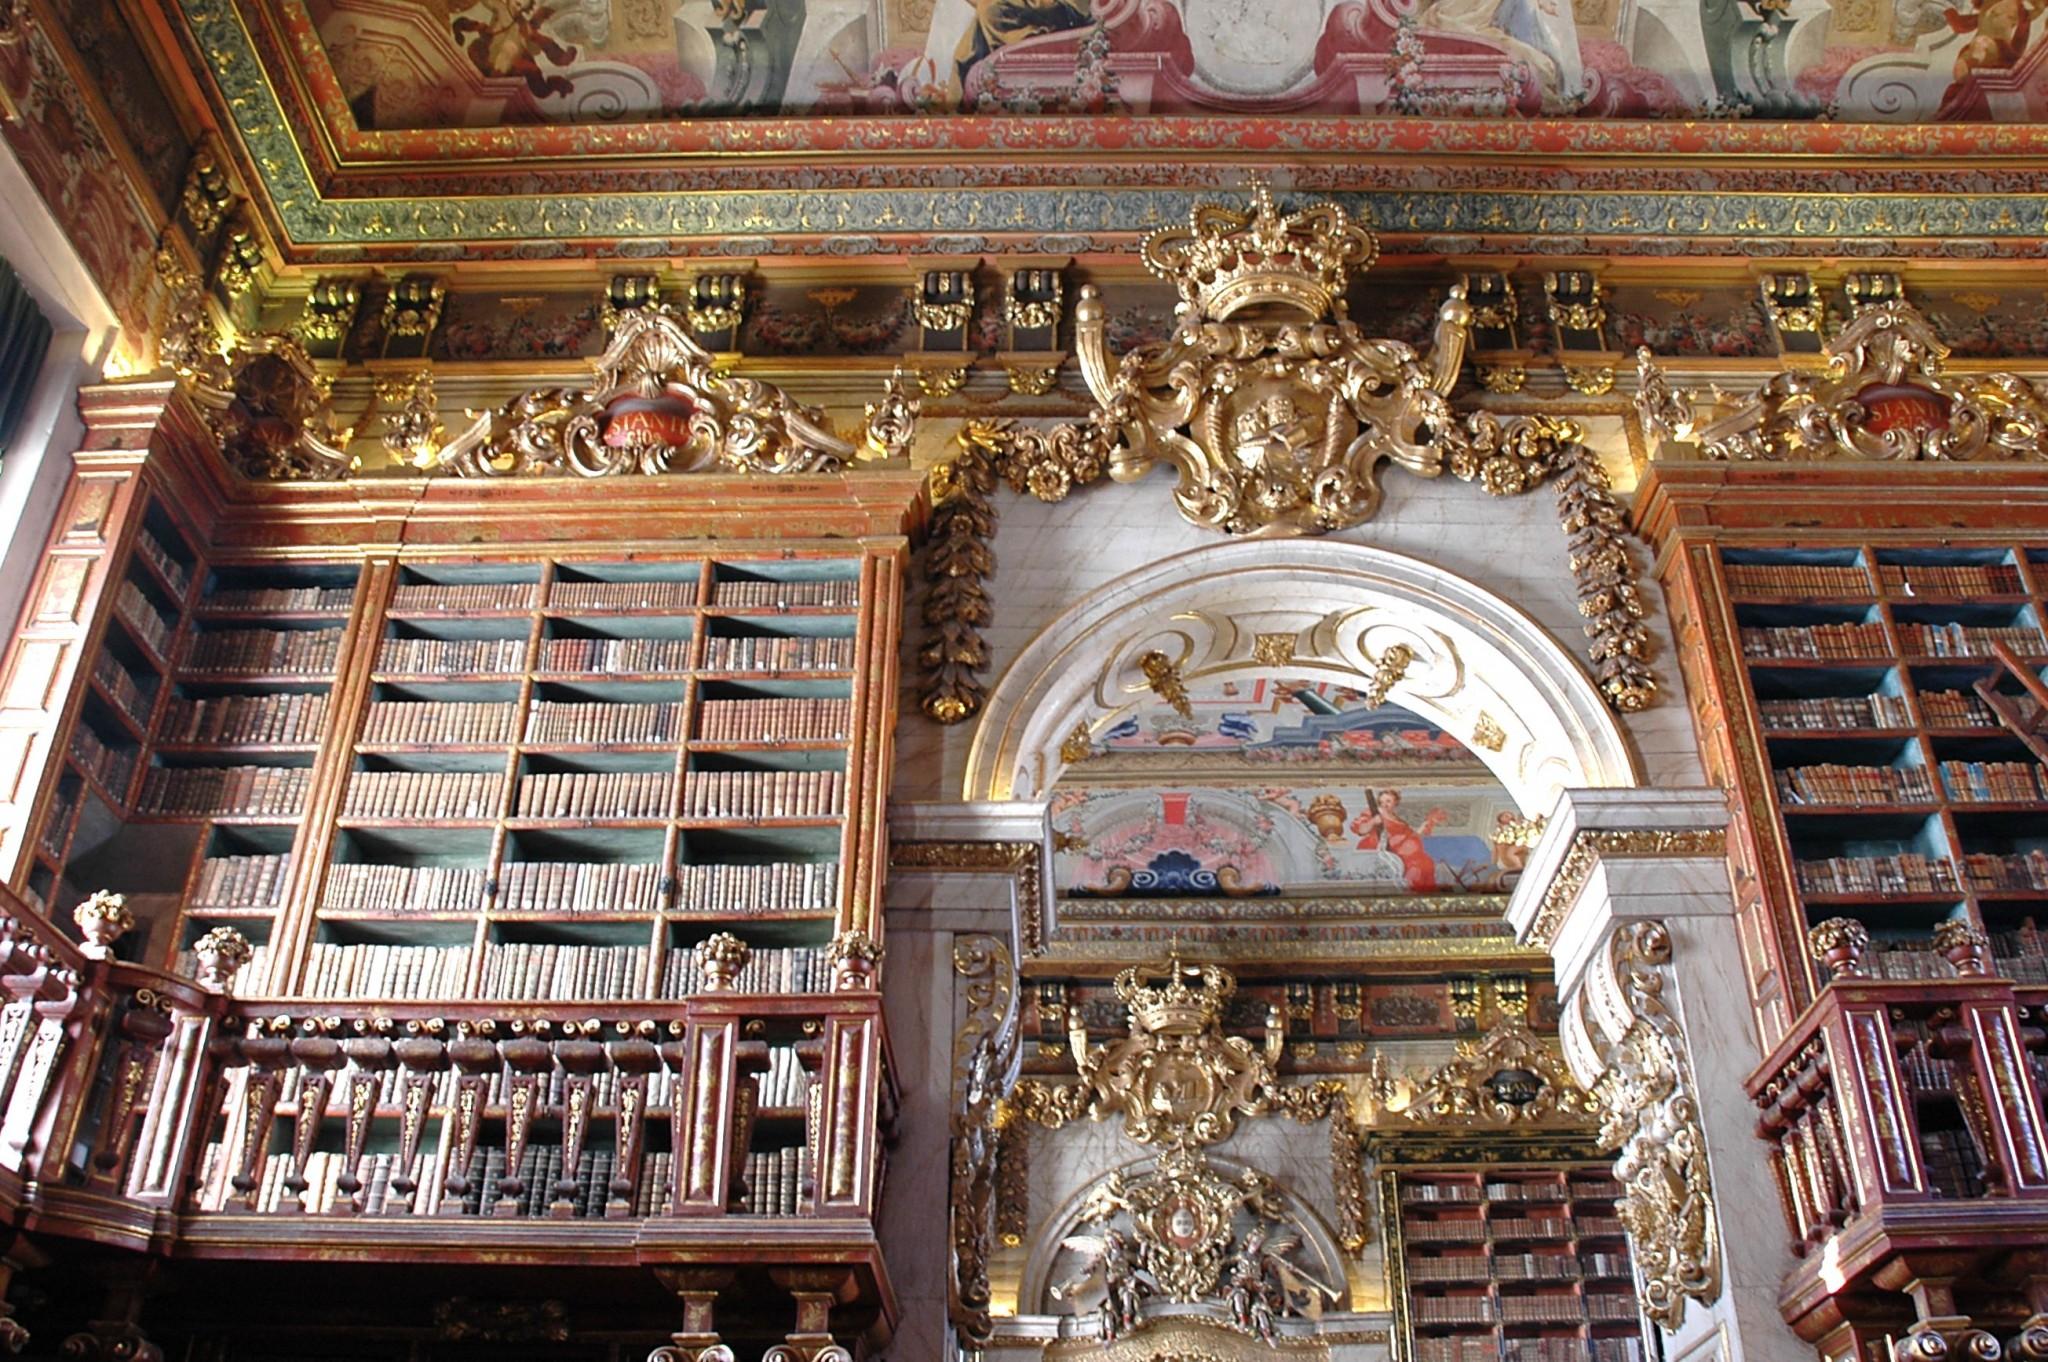 Joanine_kirjasto coimbra portugali kokemuksia nähtävyydet